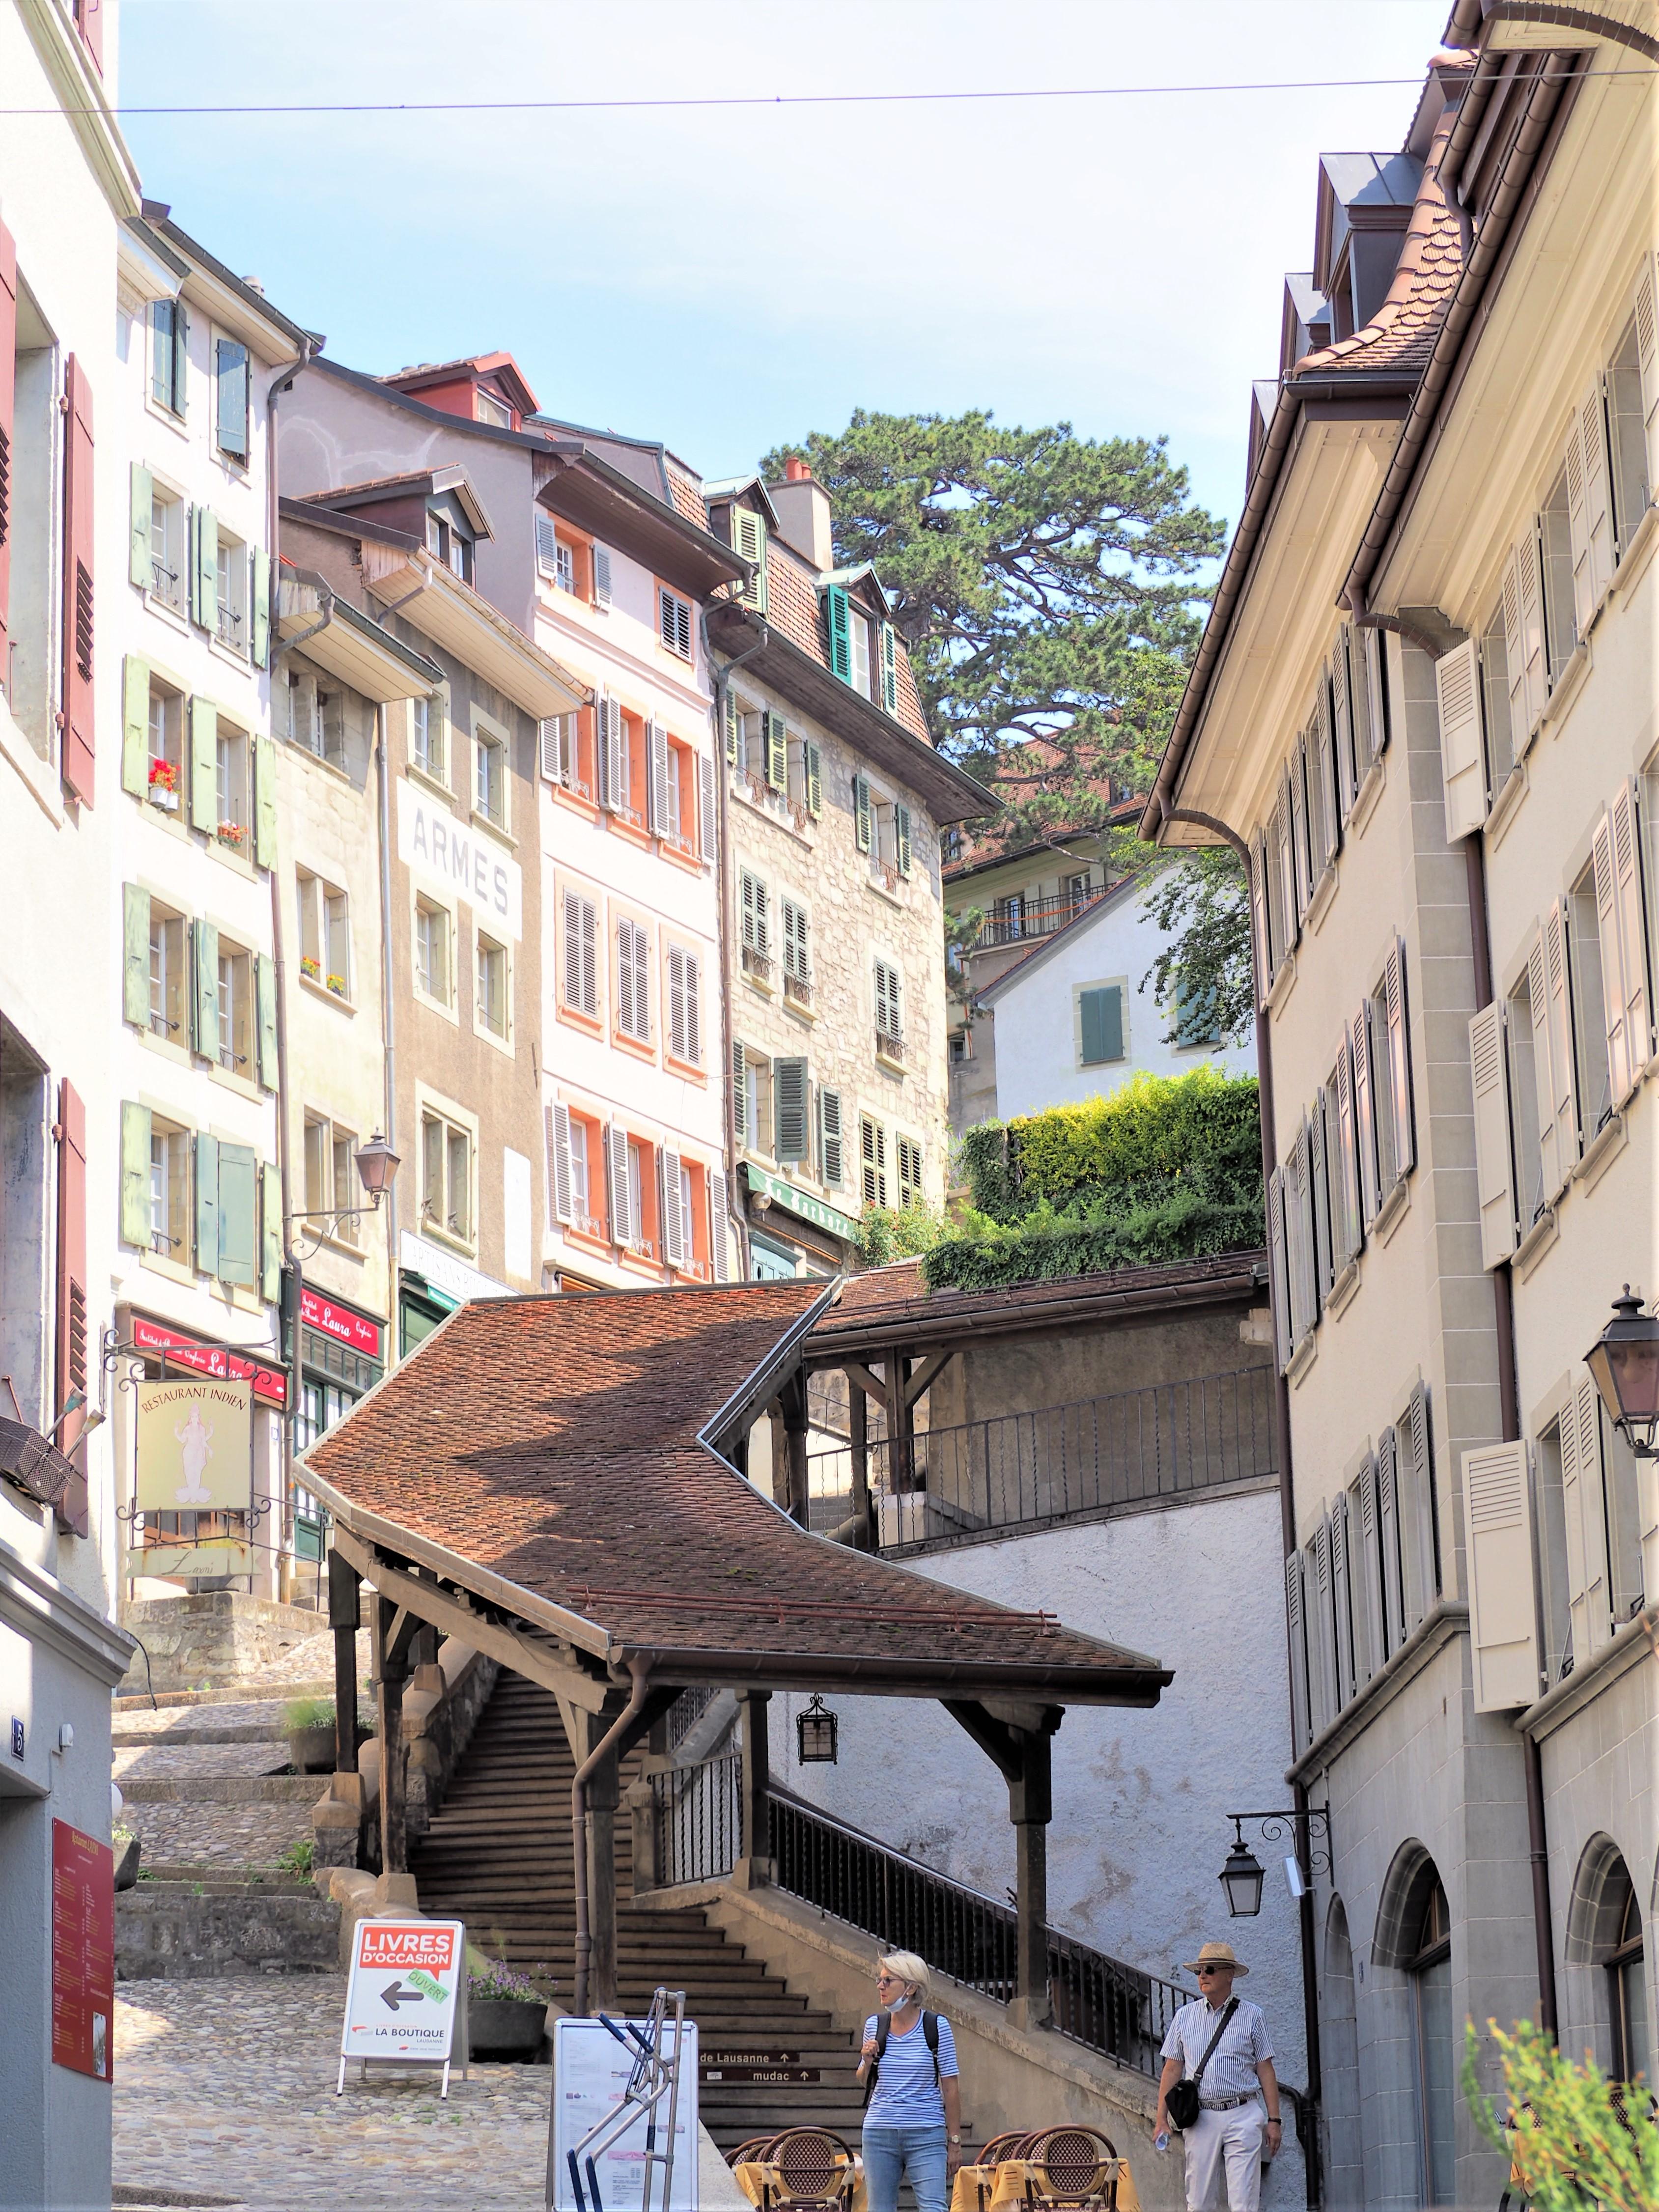 En automne La cité Lausanne vieille ville clioandco blog voyage